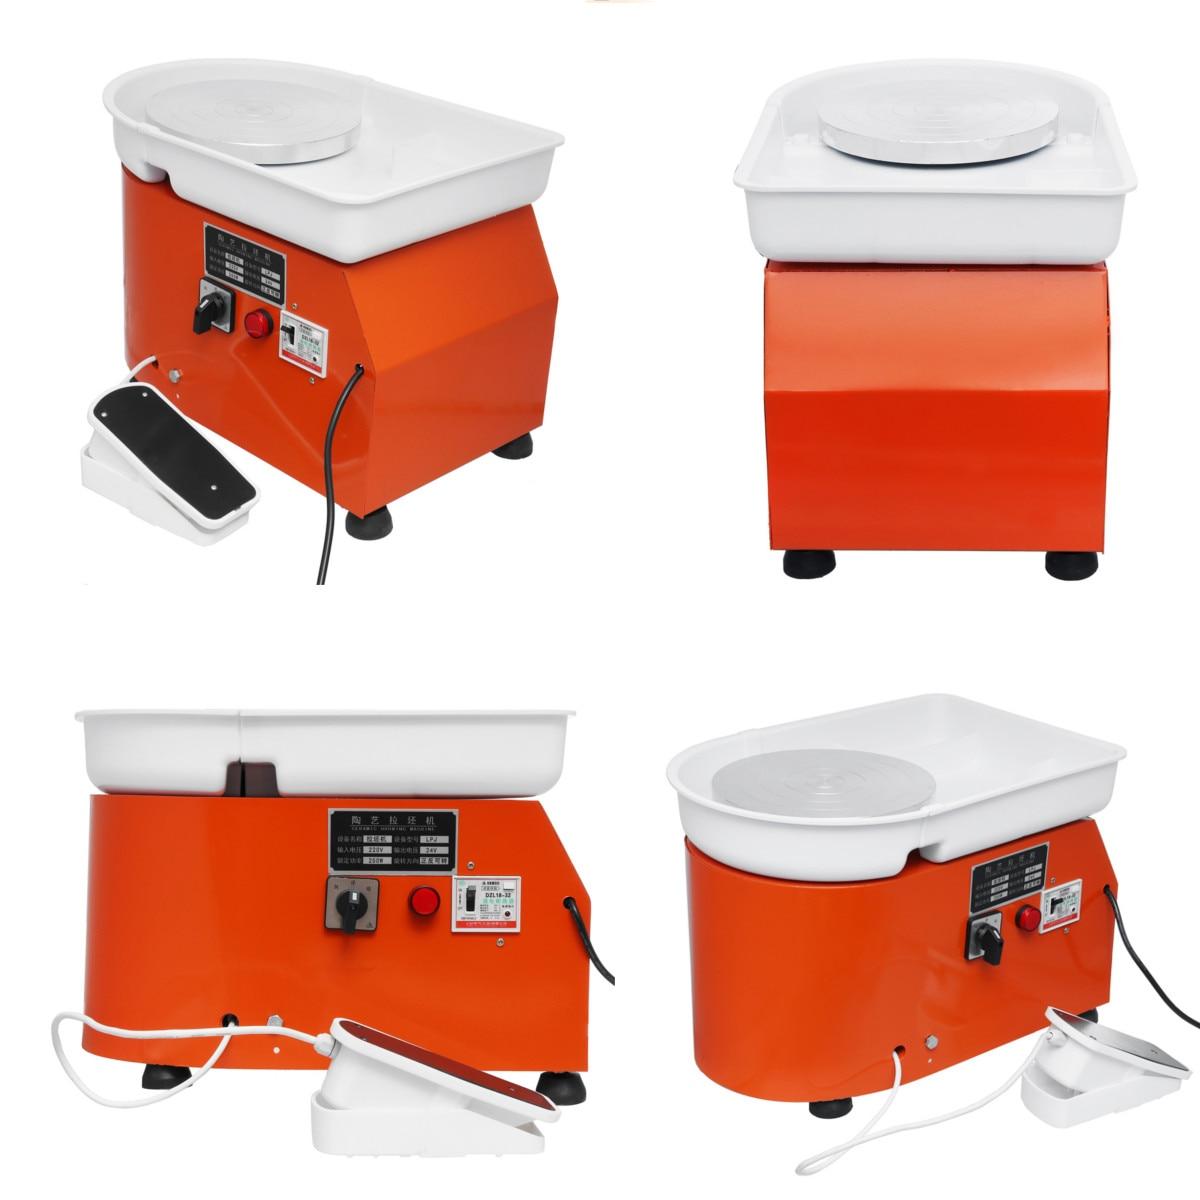 Poterie formant la Machine 110 V/220 V 350 W poterie électrique roue argile pour travaux pratiques outil avec plateau pédale Flexible pour les travaux en céramique - 4